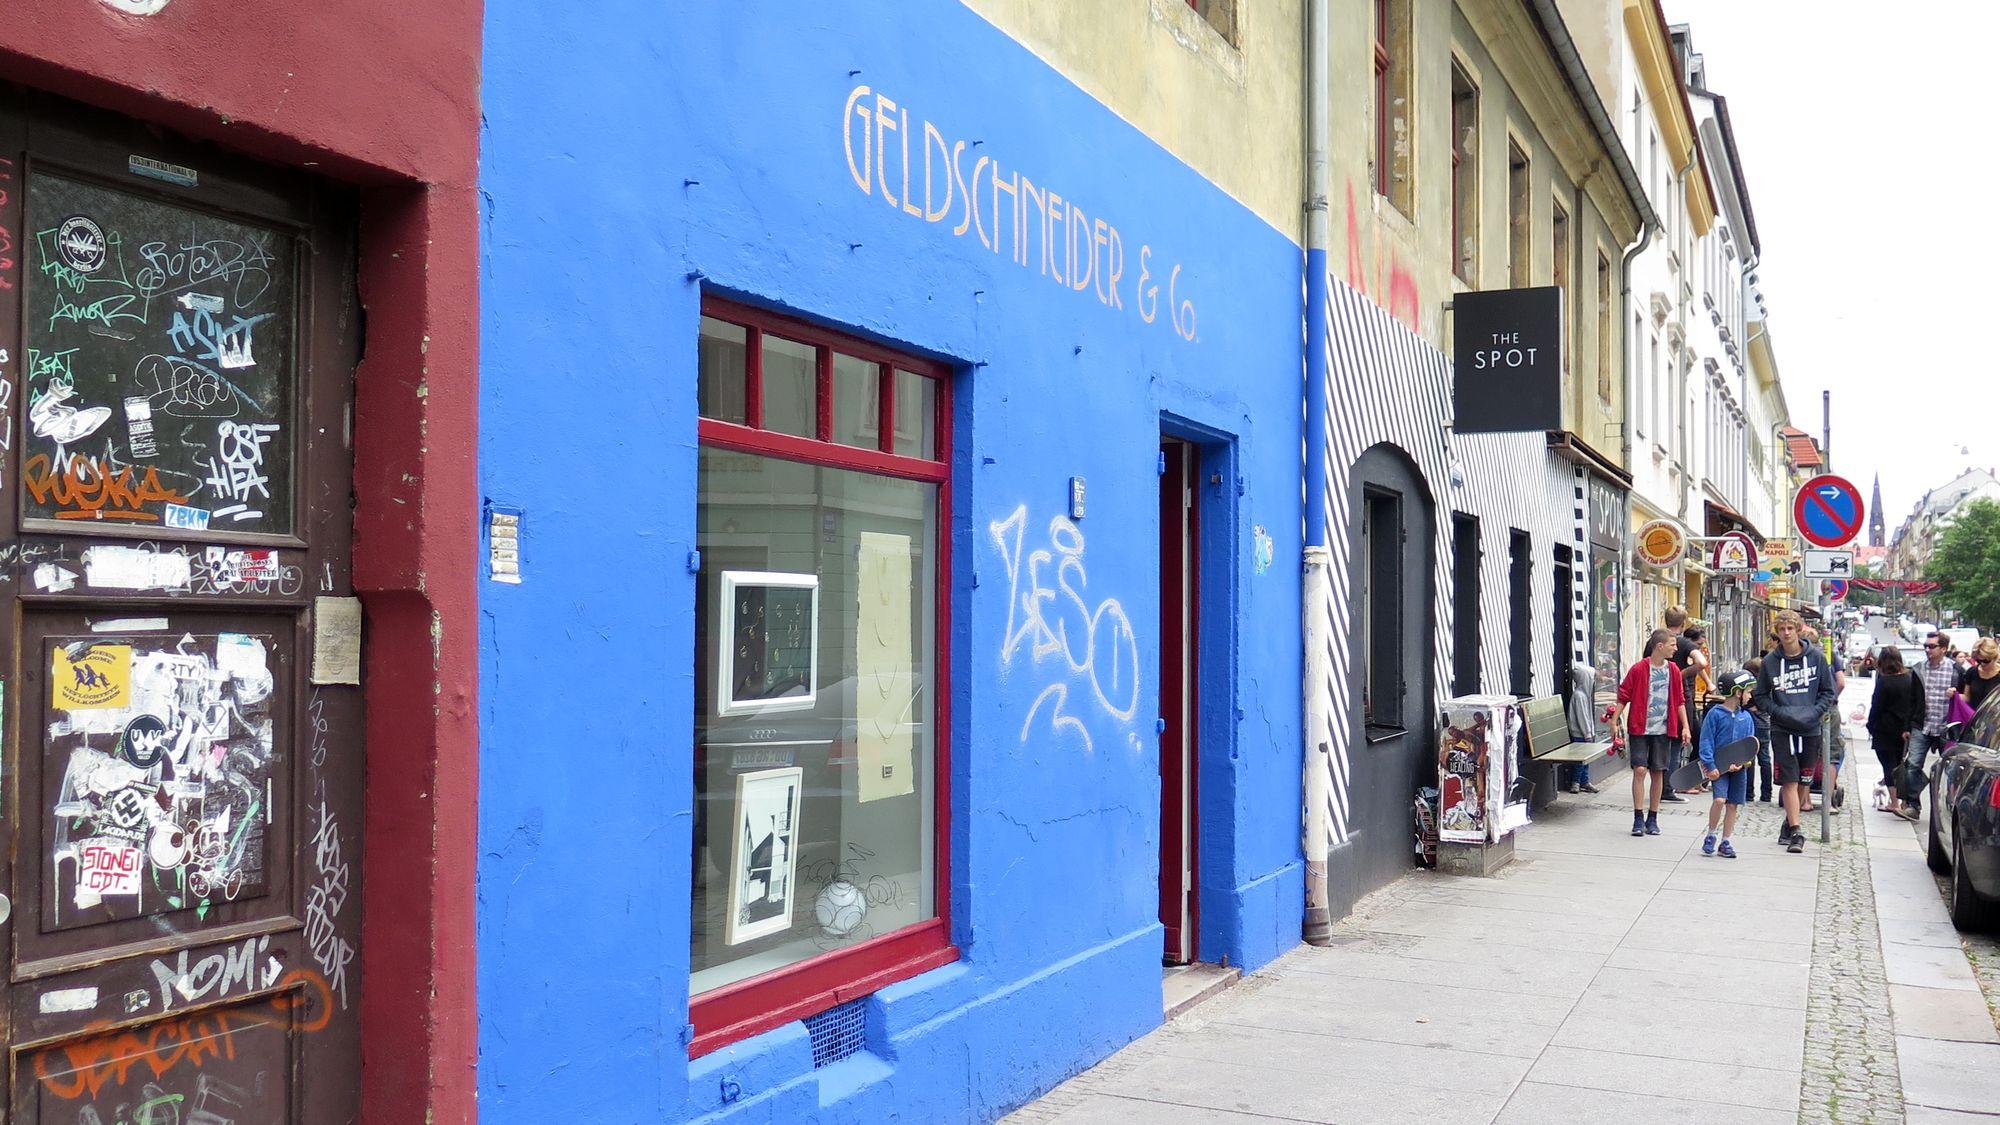 Geldschneider & Co. auf der Alaunstraße